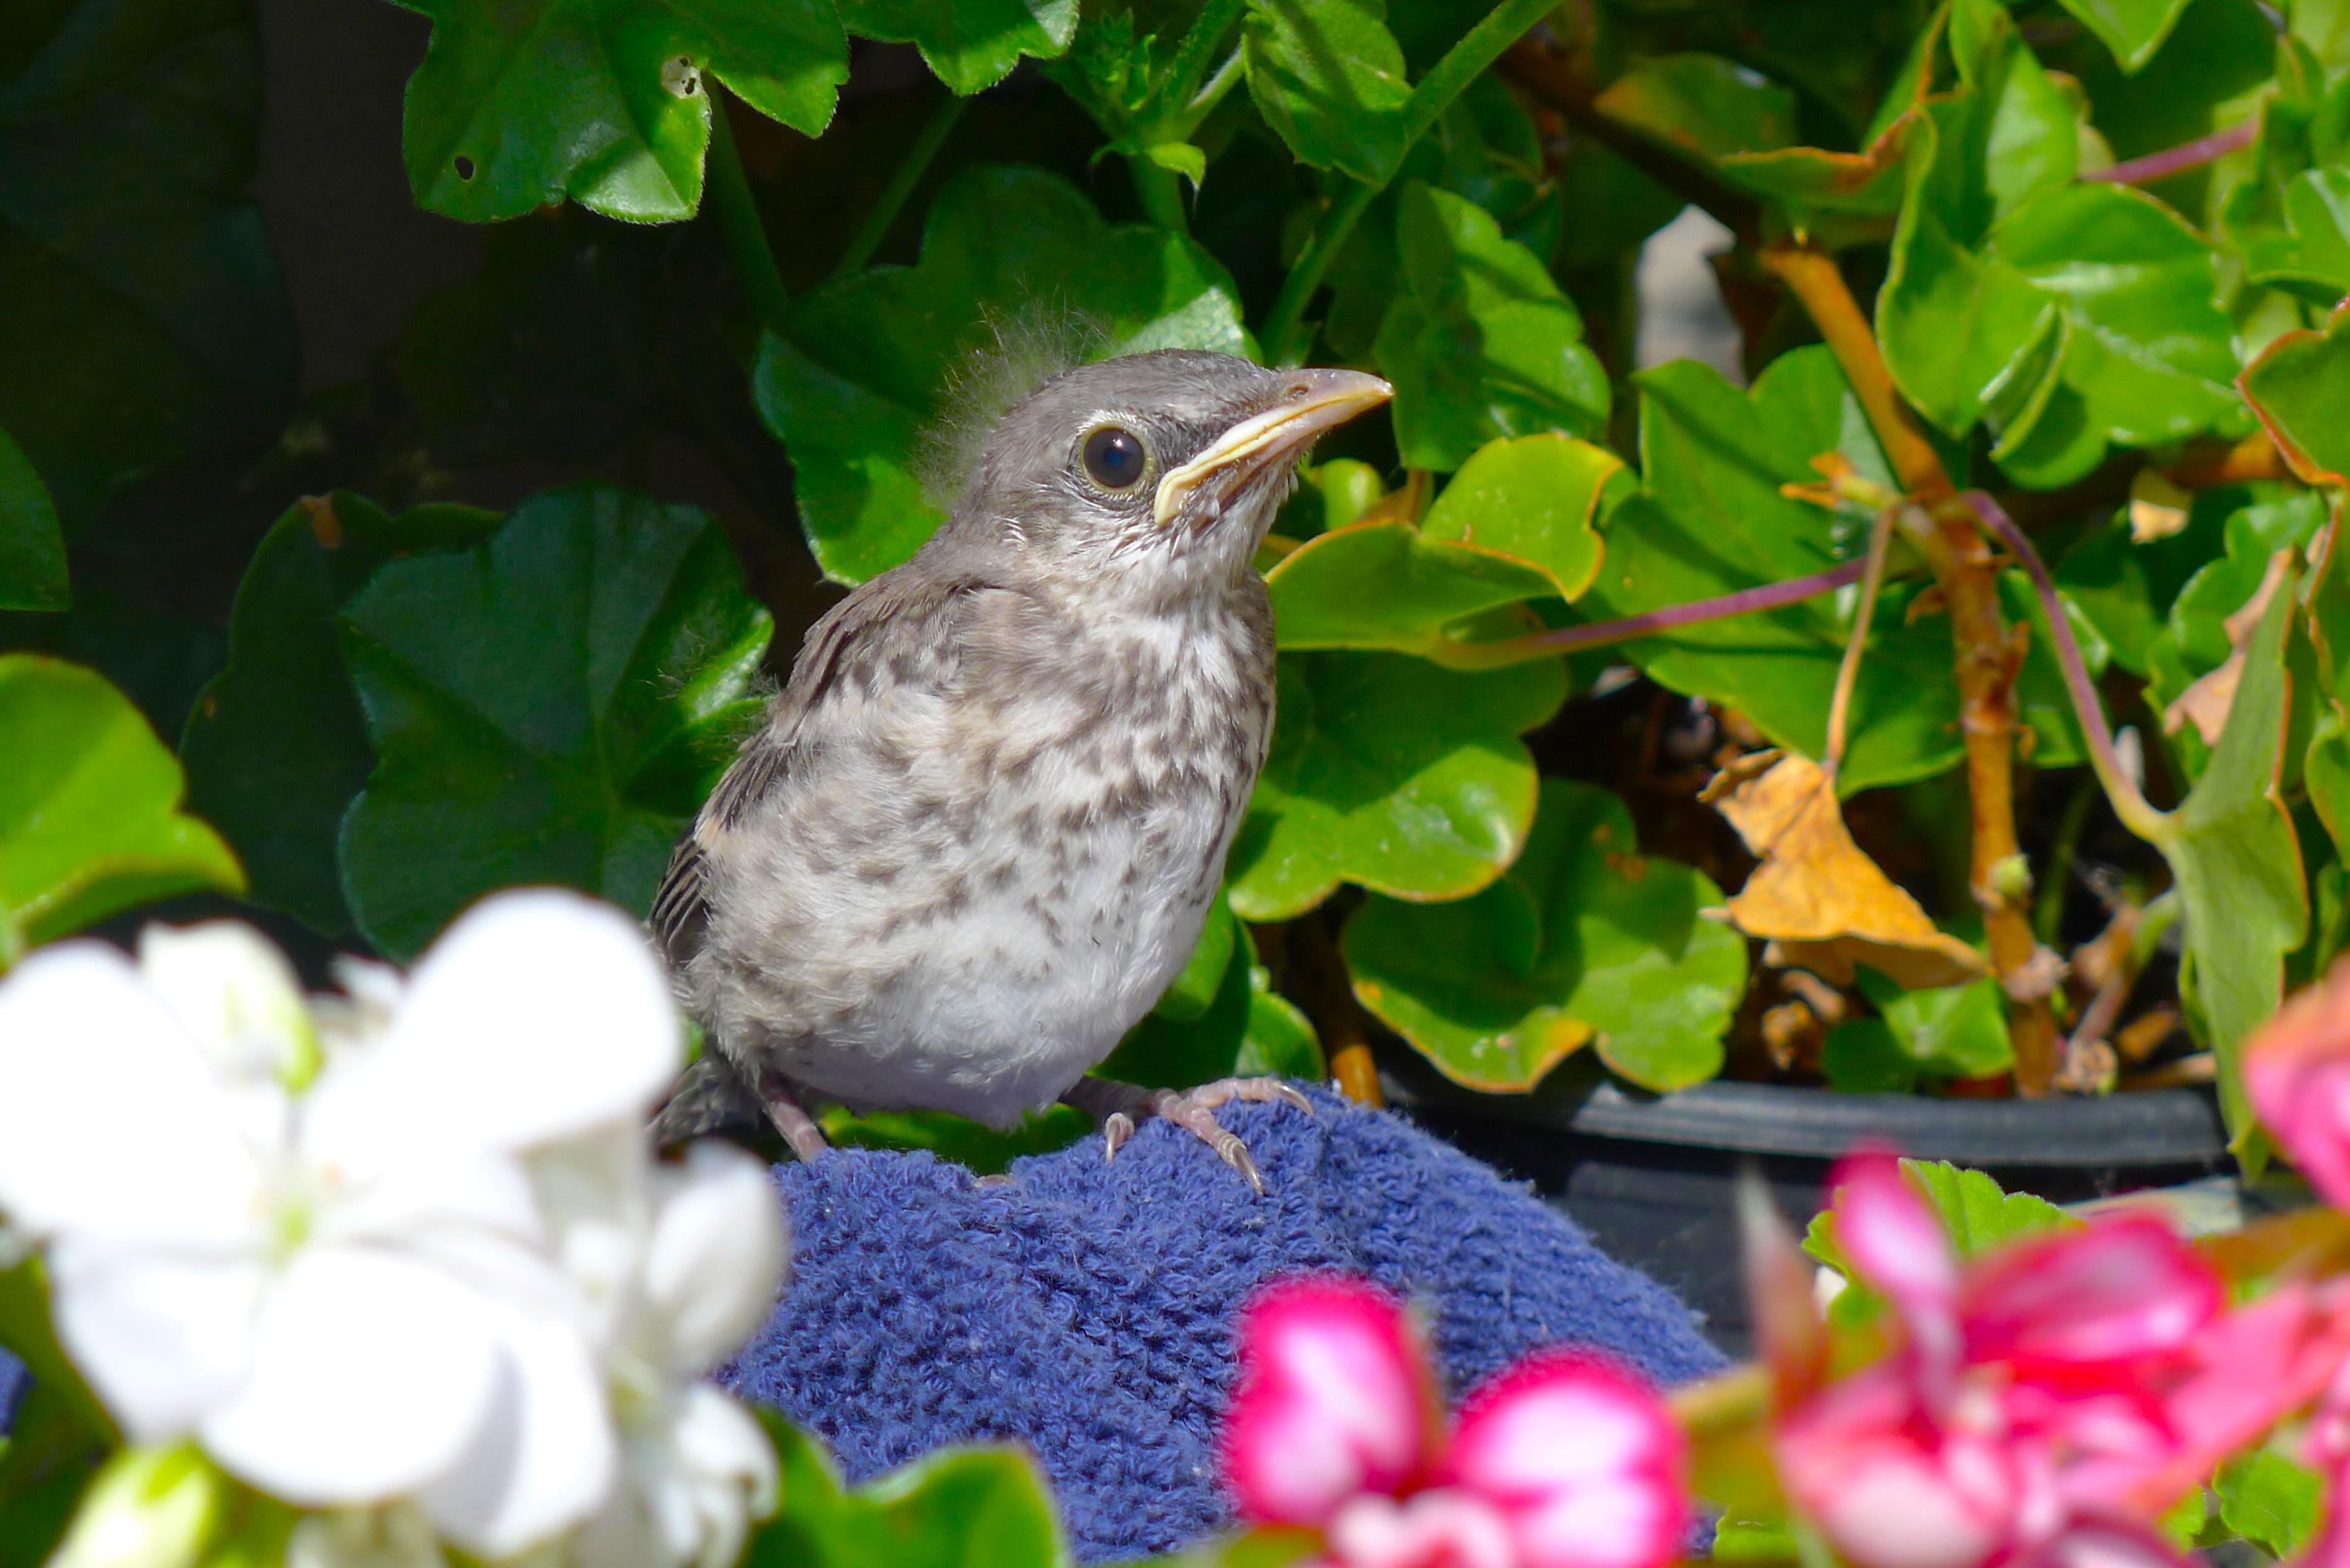 e01eccbfb753b8abb1595384051ec4c2 - How To Get A Wild Baby Bird To Eat